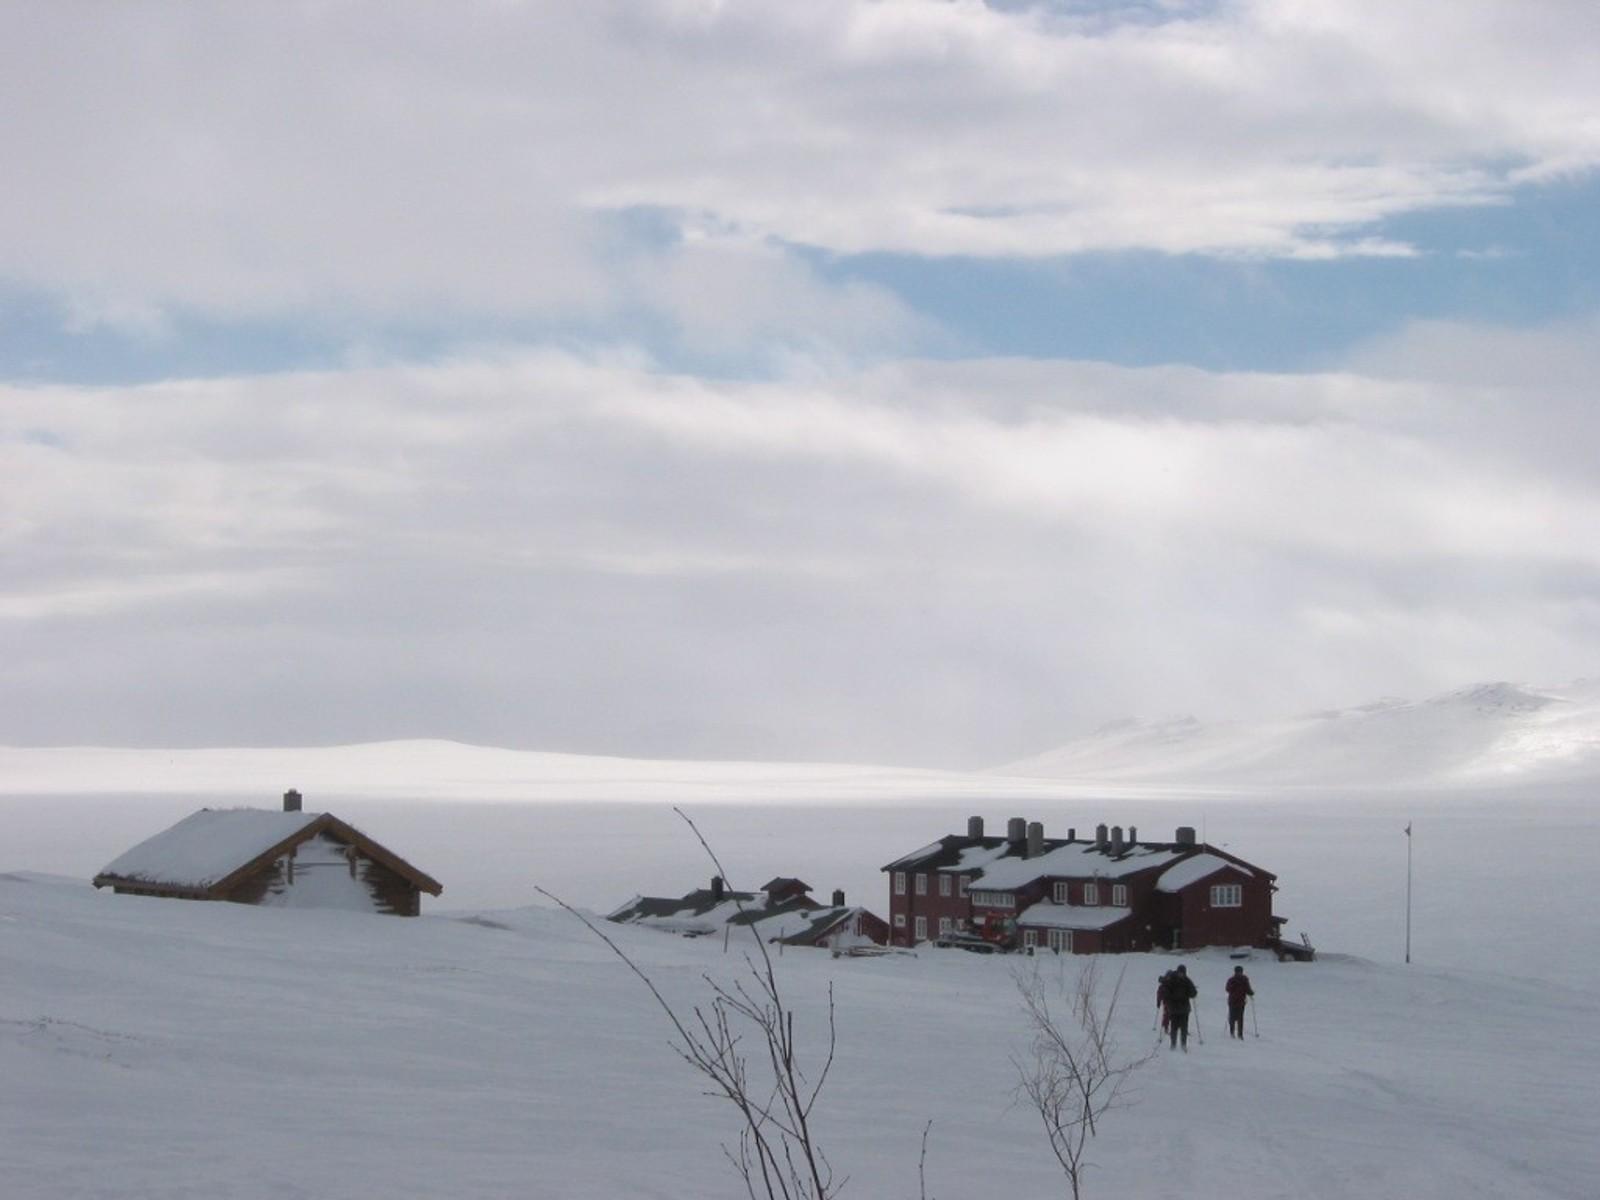 ØST: Rauhelleren på Hardangervidda.